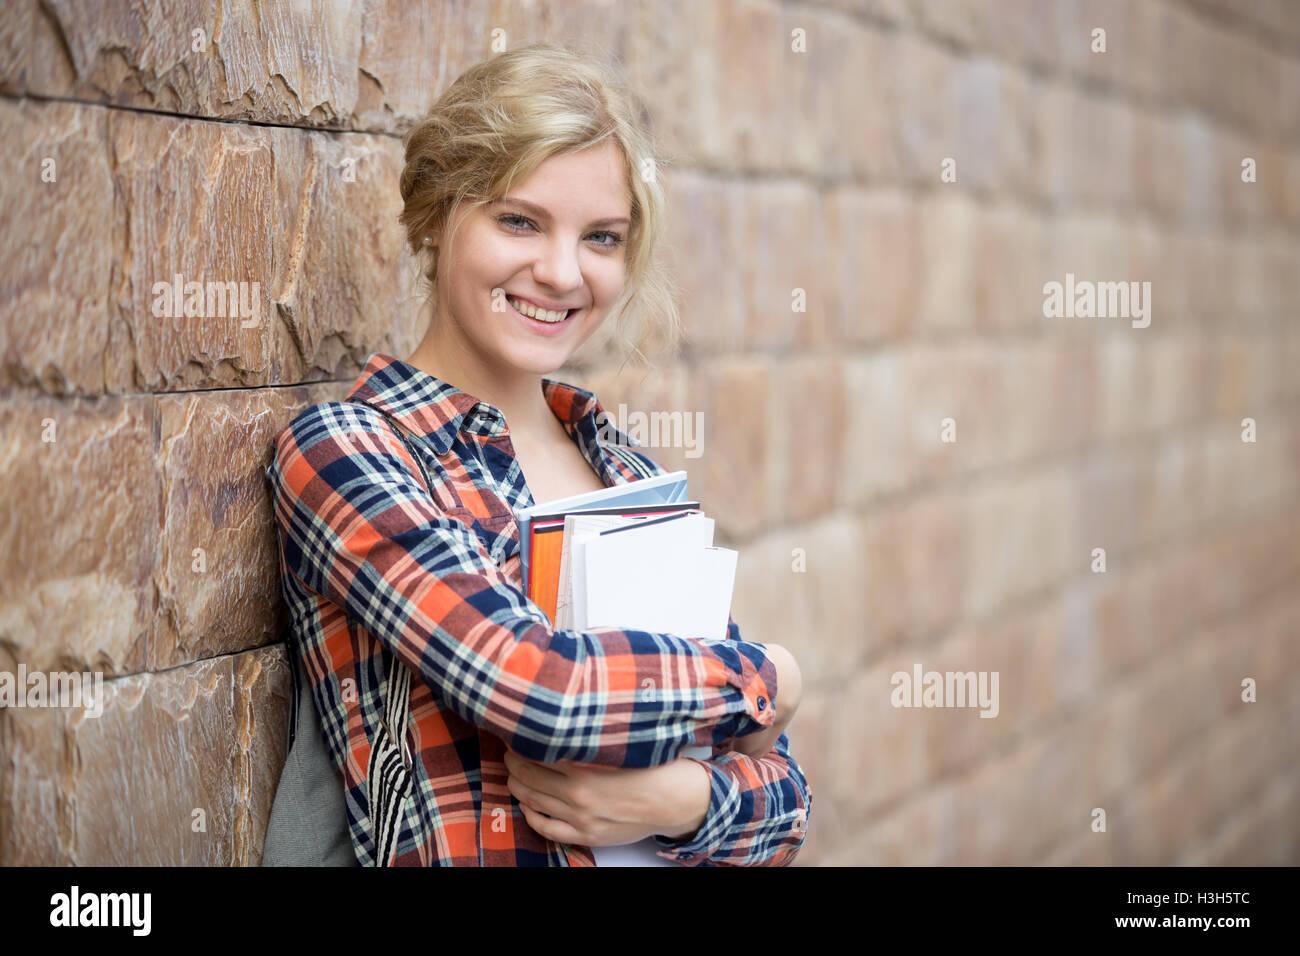 Ritratto di uno studente con un libri contro il muro di mattoni Immagini Stock